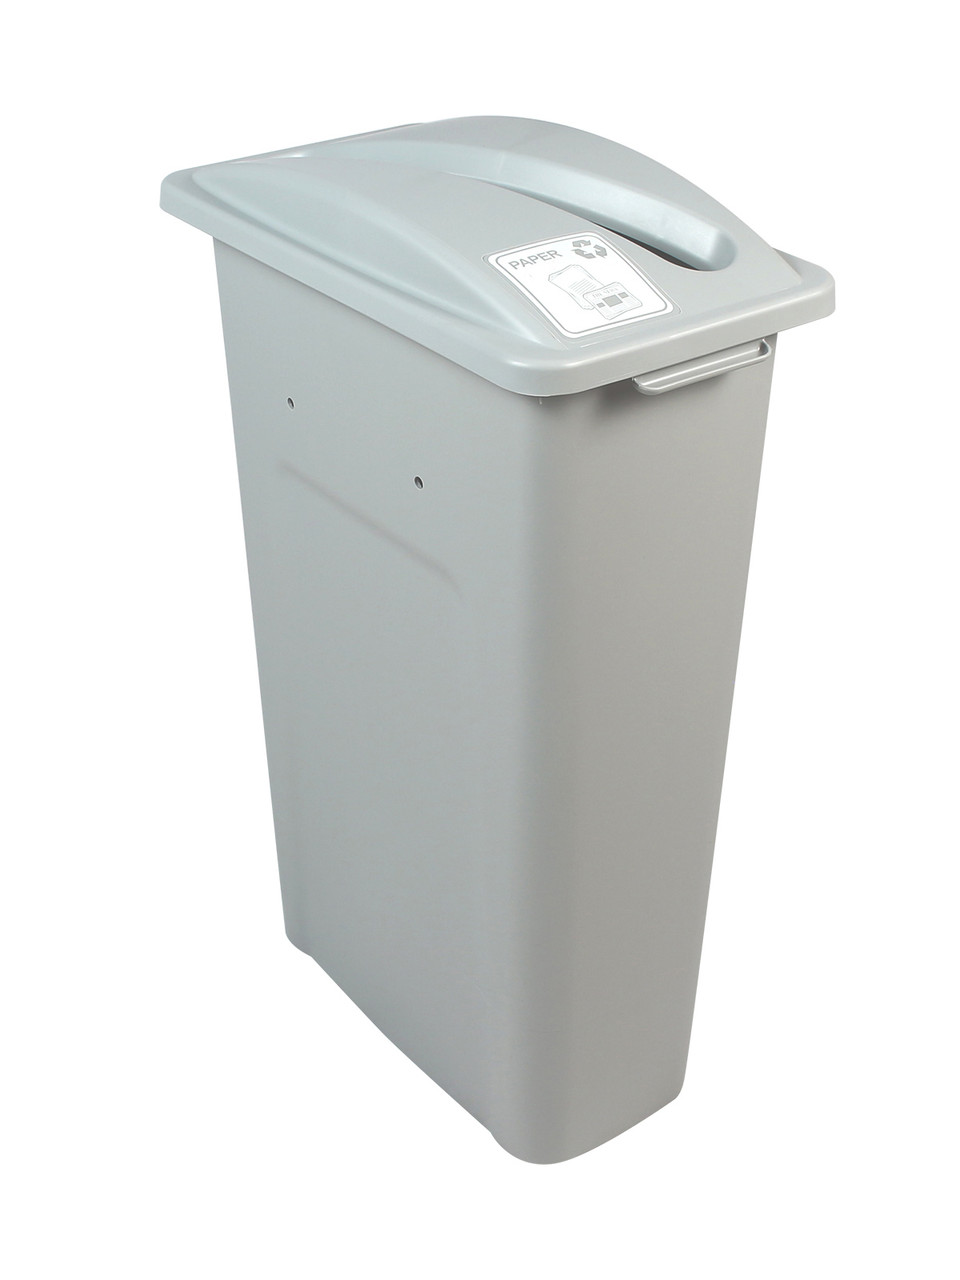 23 Gallon Gray Skinny Simple Sort Recycle Bin (Paper)